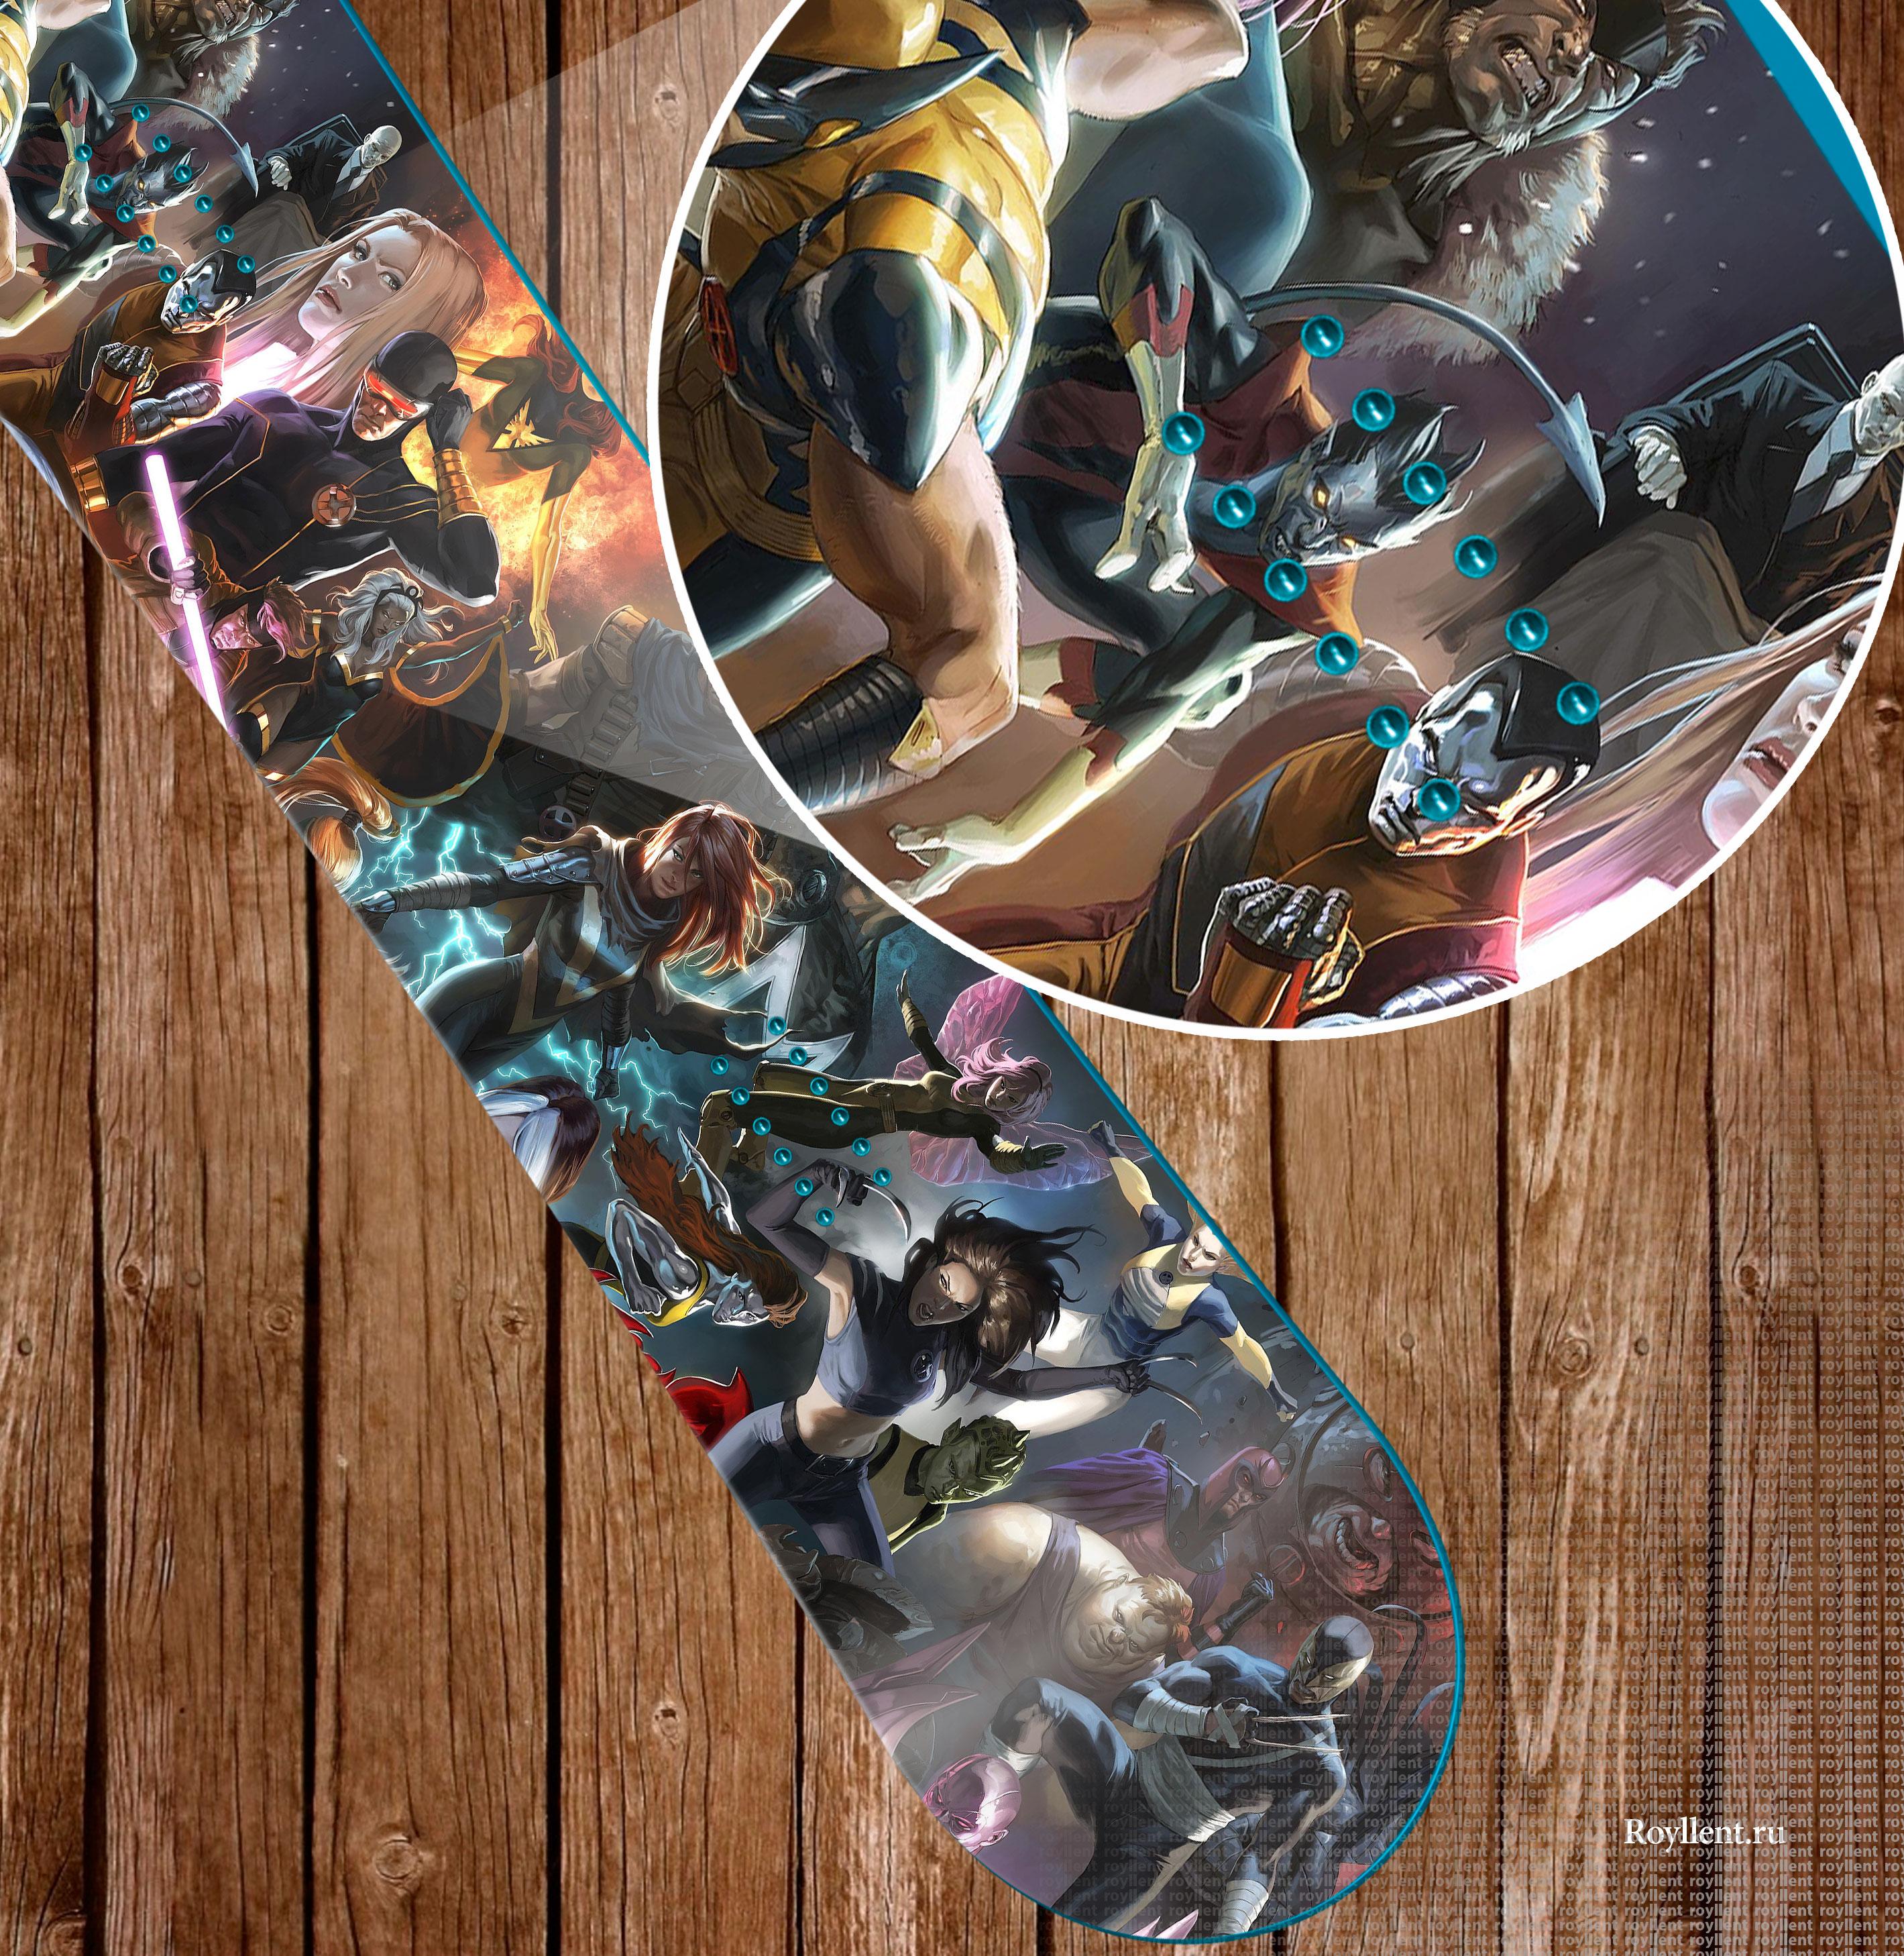 Виниловая наклейка на сноуборд купить в Спб или МСК или Екатеренбурге, Краснодаре